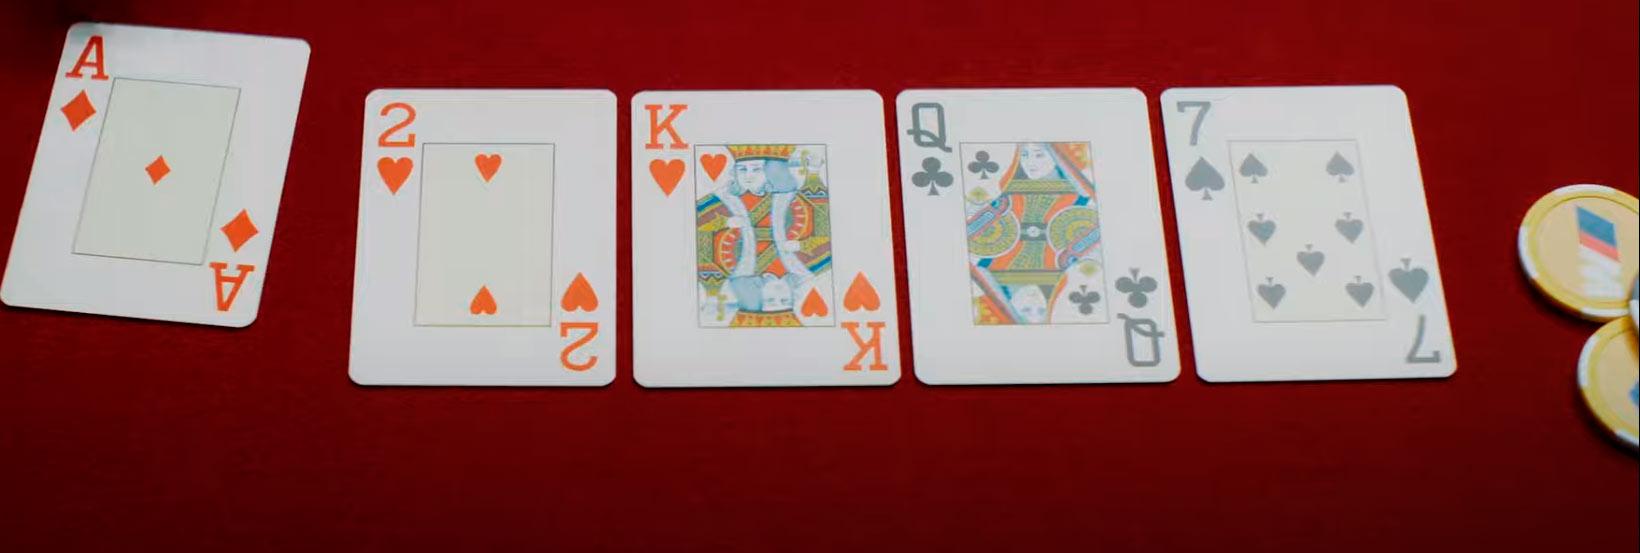 Nur mit Poker Chips bitte! - River